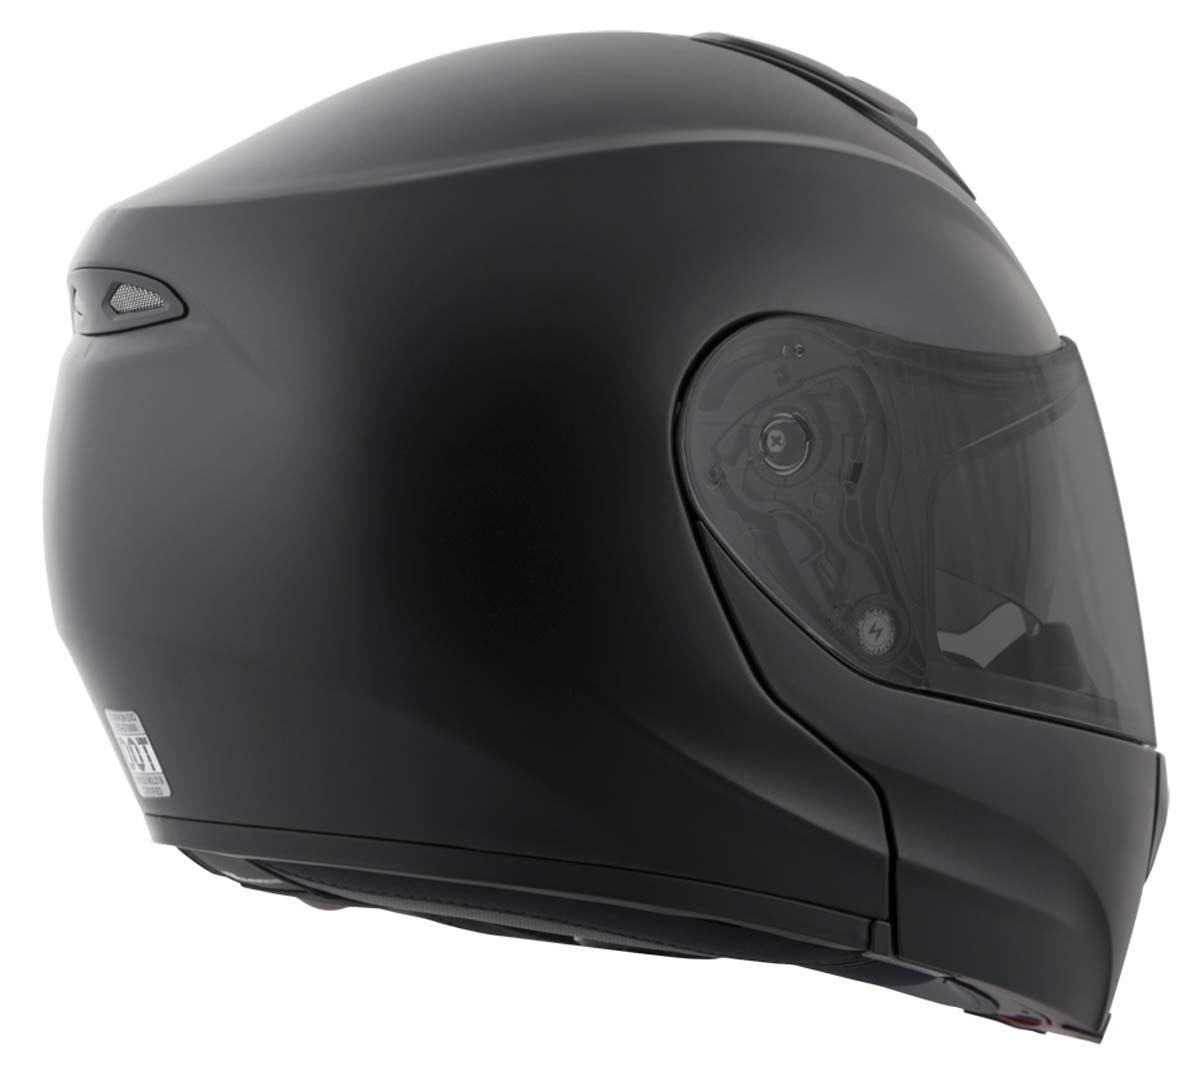 Scorpion-EXO-GT3000-Helmet-Modular-Flip-Up-Premium-DOT-Approved-XS-2XL miniature 6